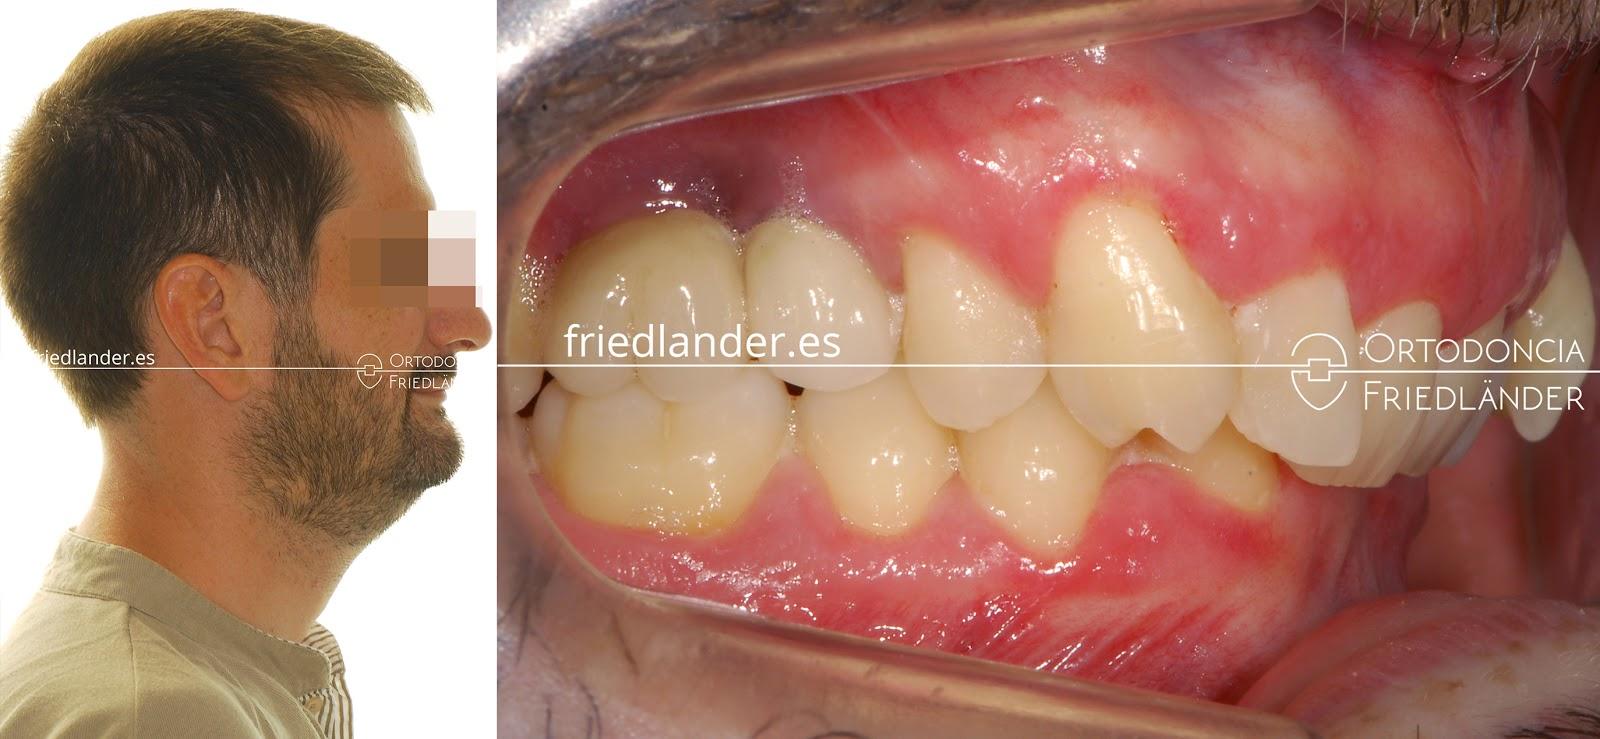 La Cirugía ortognática para tratar deformidades faciales 4